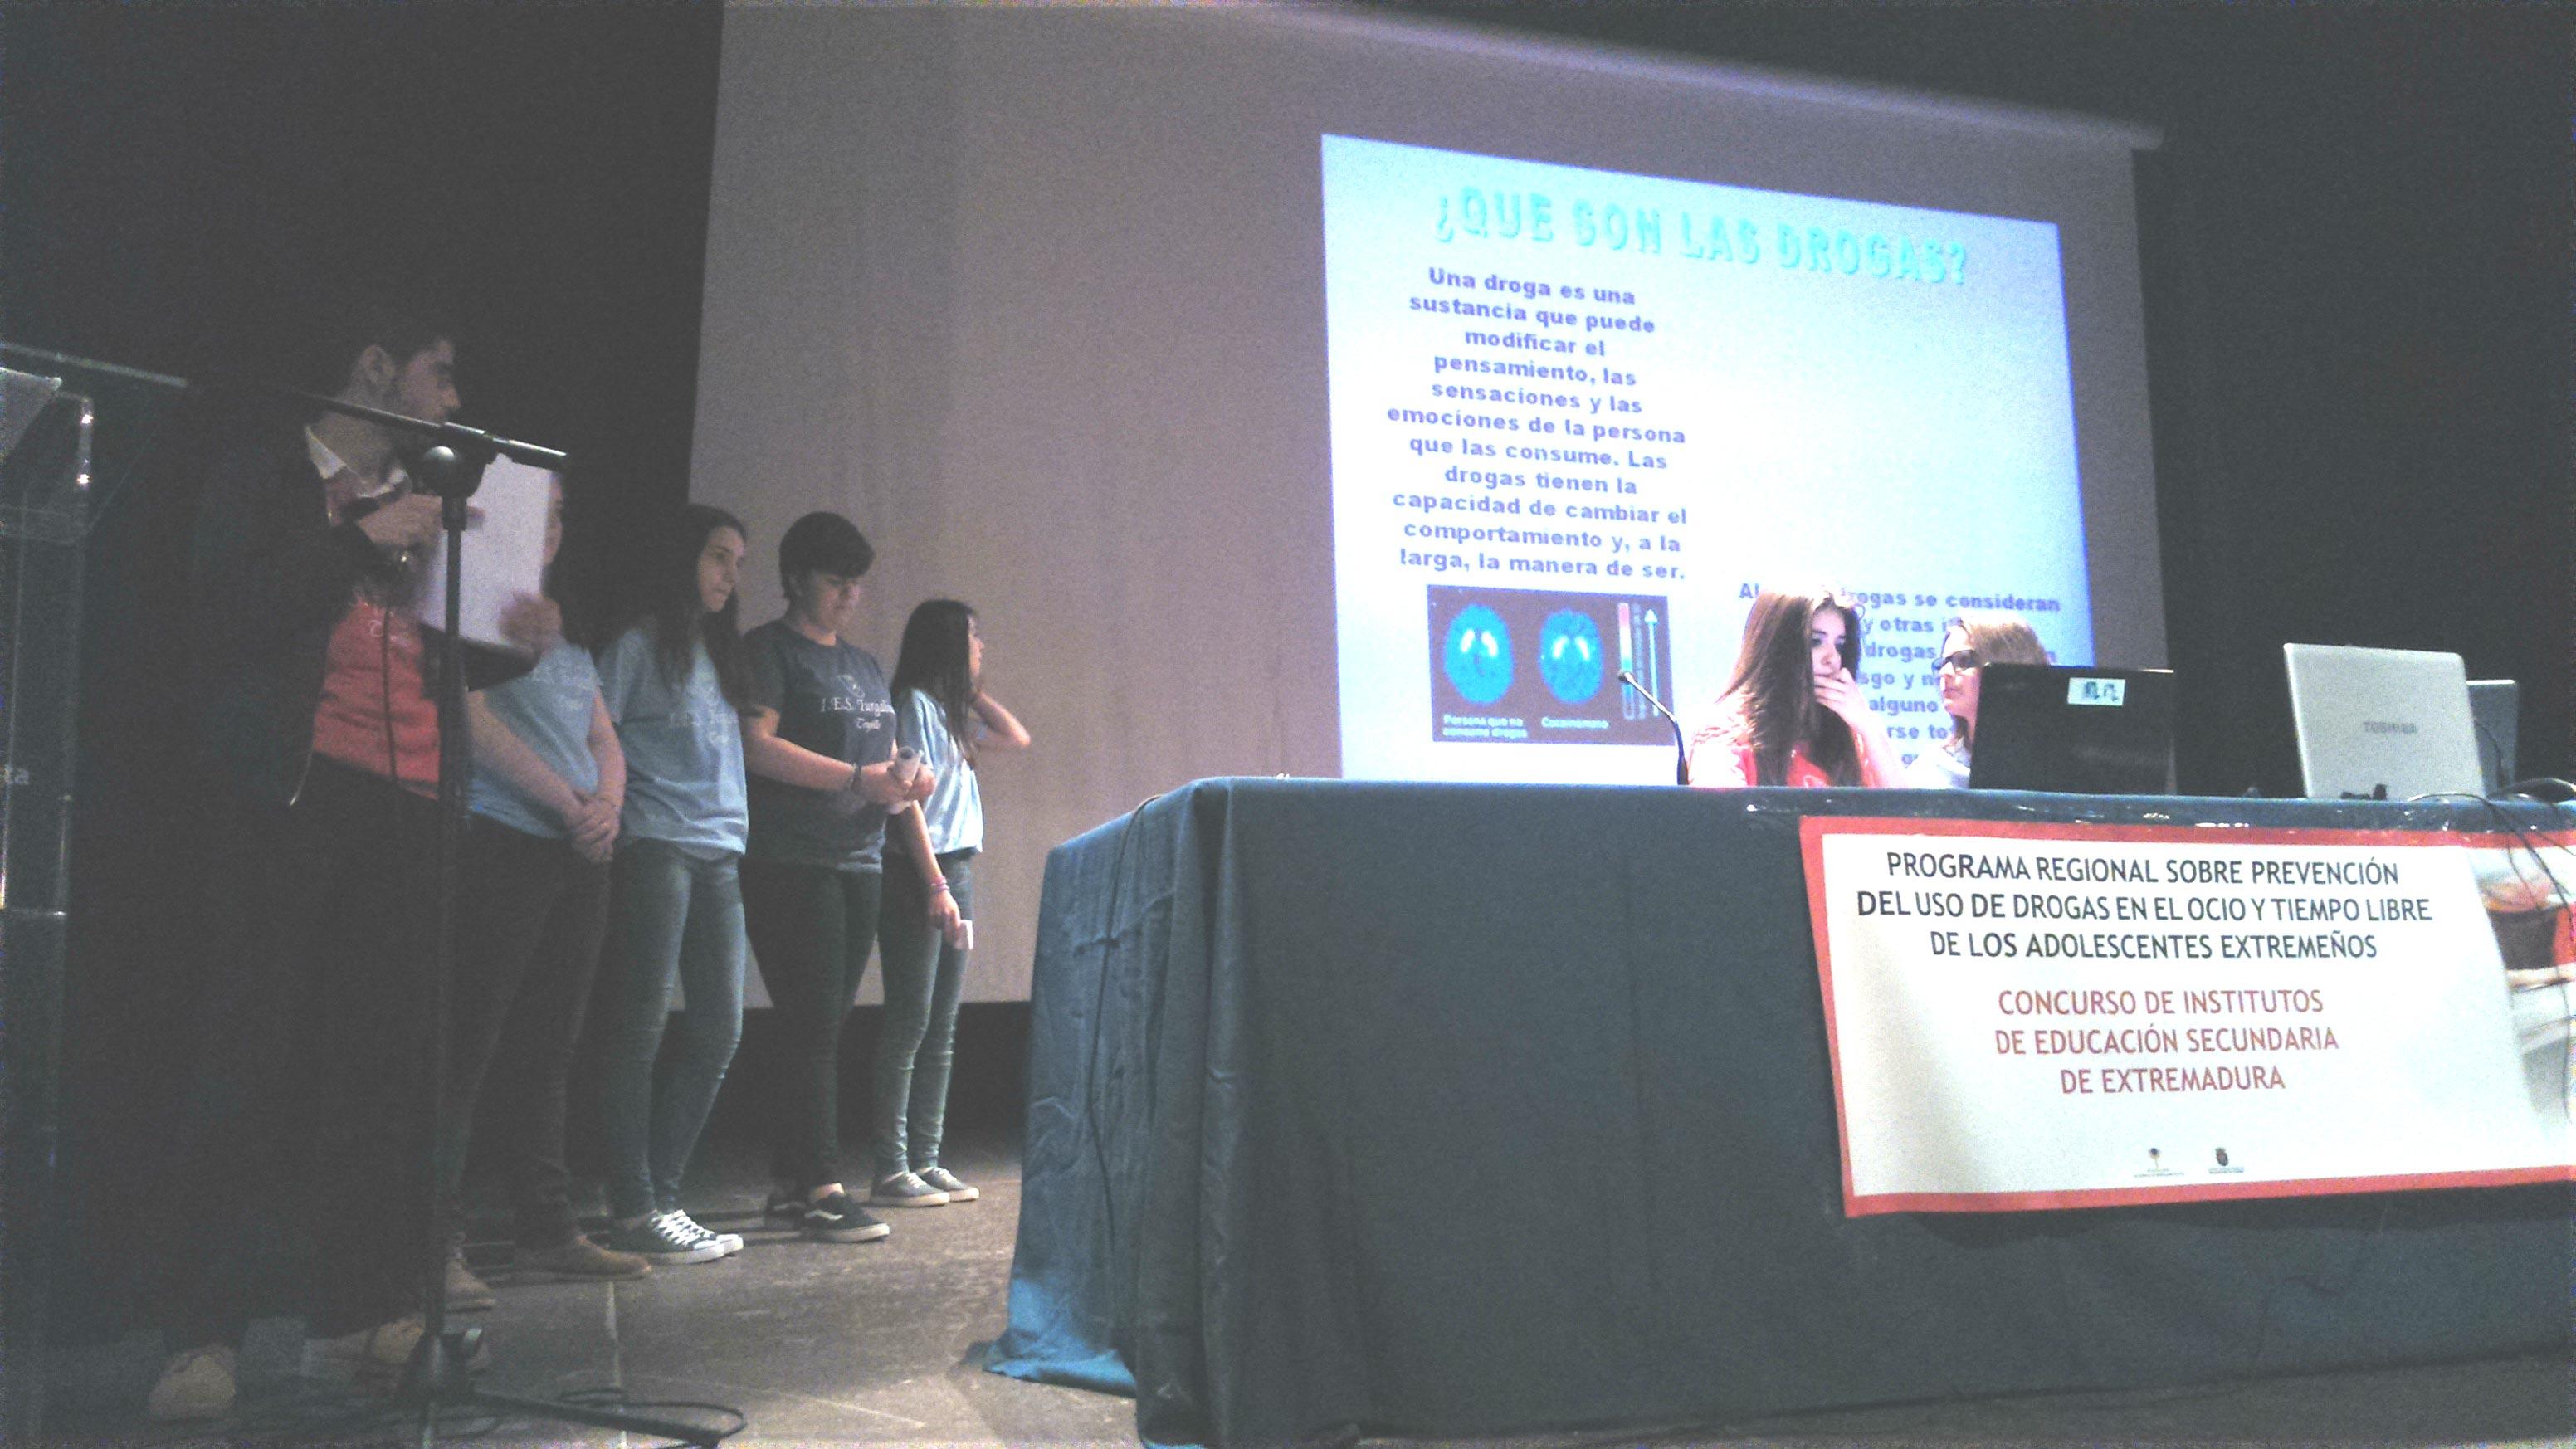 El IES Turgalium de Trujillo ganador de la semifinal de la provincia de Cáceres del VI concurso de institutos sobre prevención del uso de drogas en el ocio y tiempo libres de los adolescentes extremeños